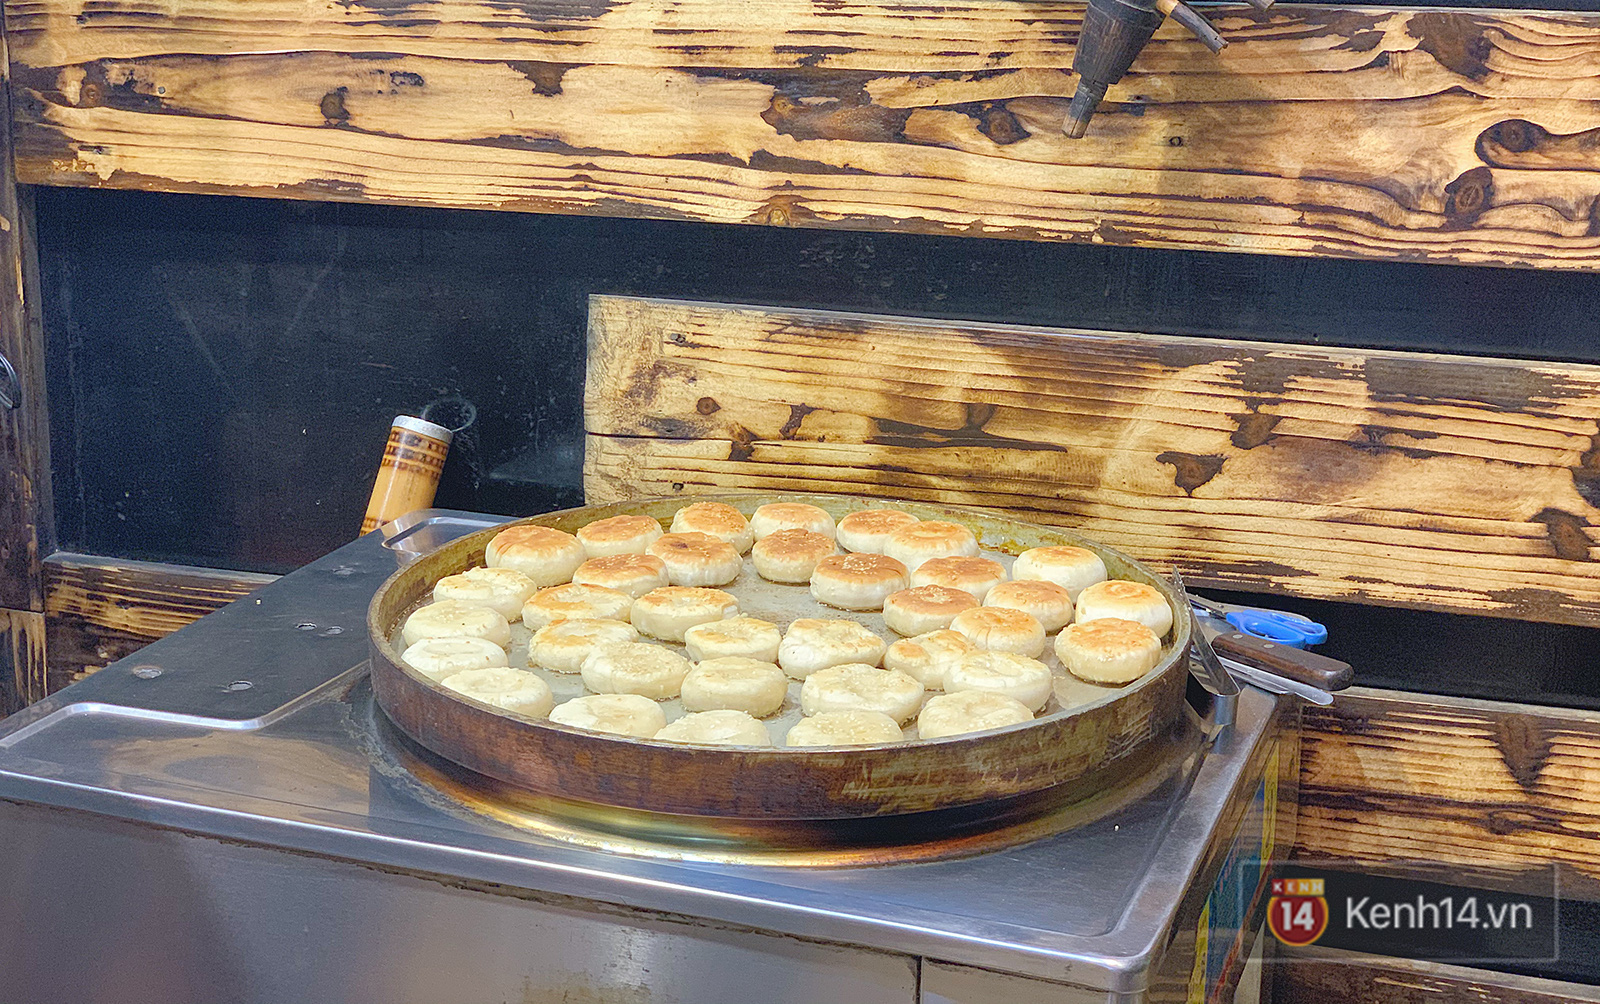 Đến Sa Pa thử bao nhiêu đặc sản nhưng không phải ai cũng từng biết đến món bánh hạt dẻ này - Ảnh 3.